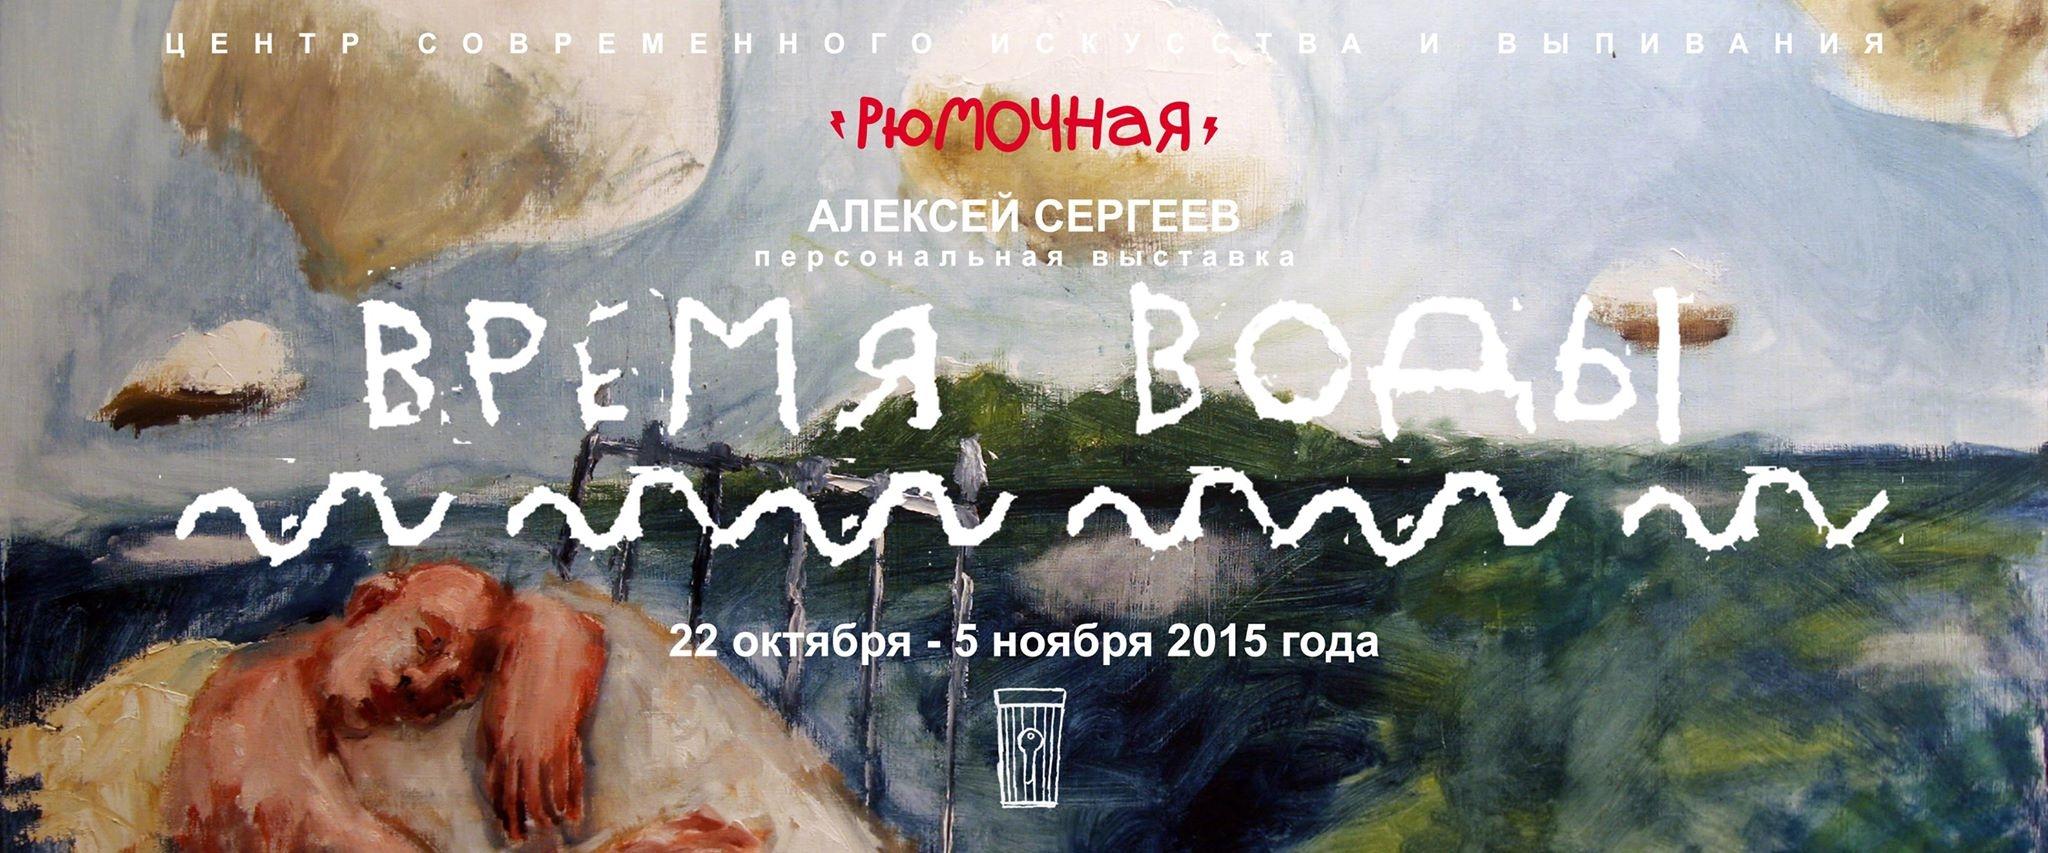 Выставка в Рюмочной